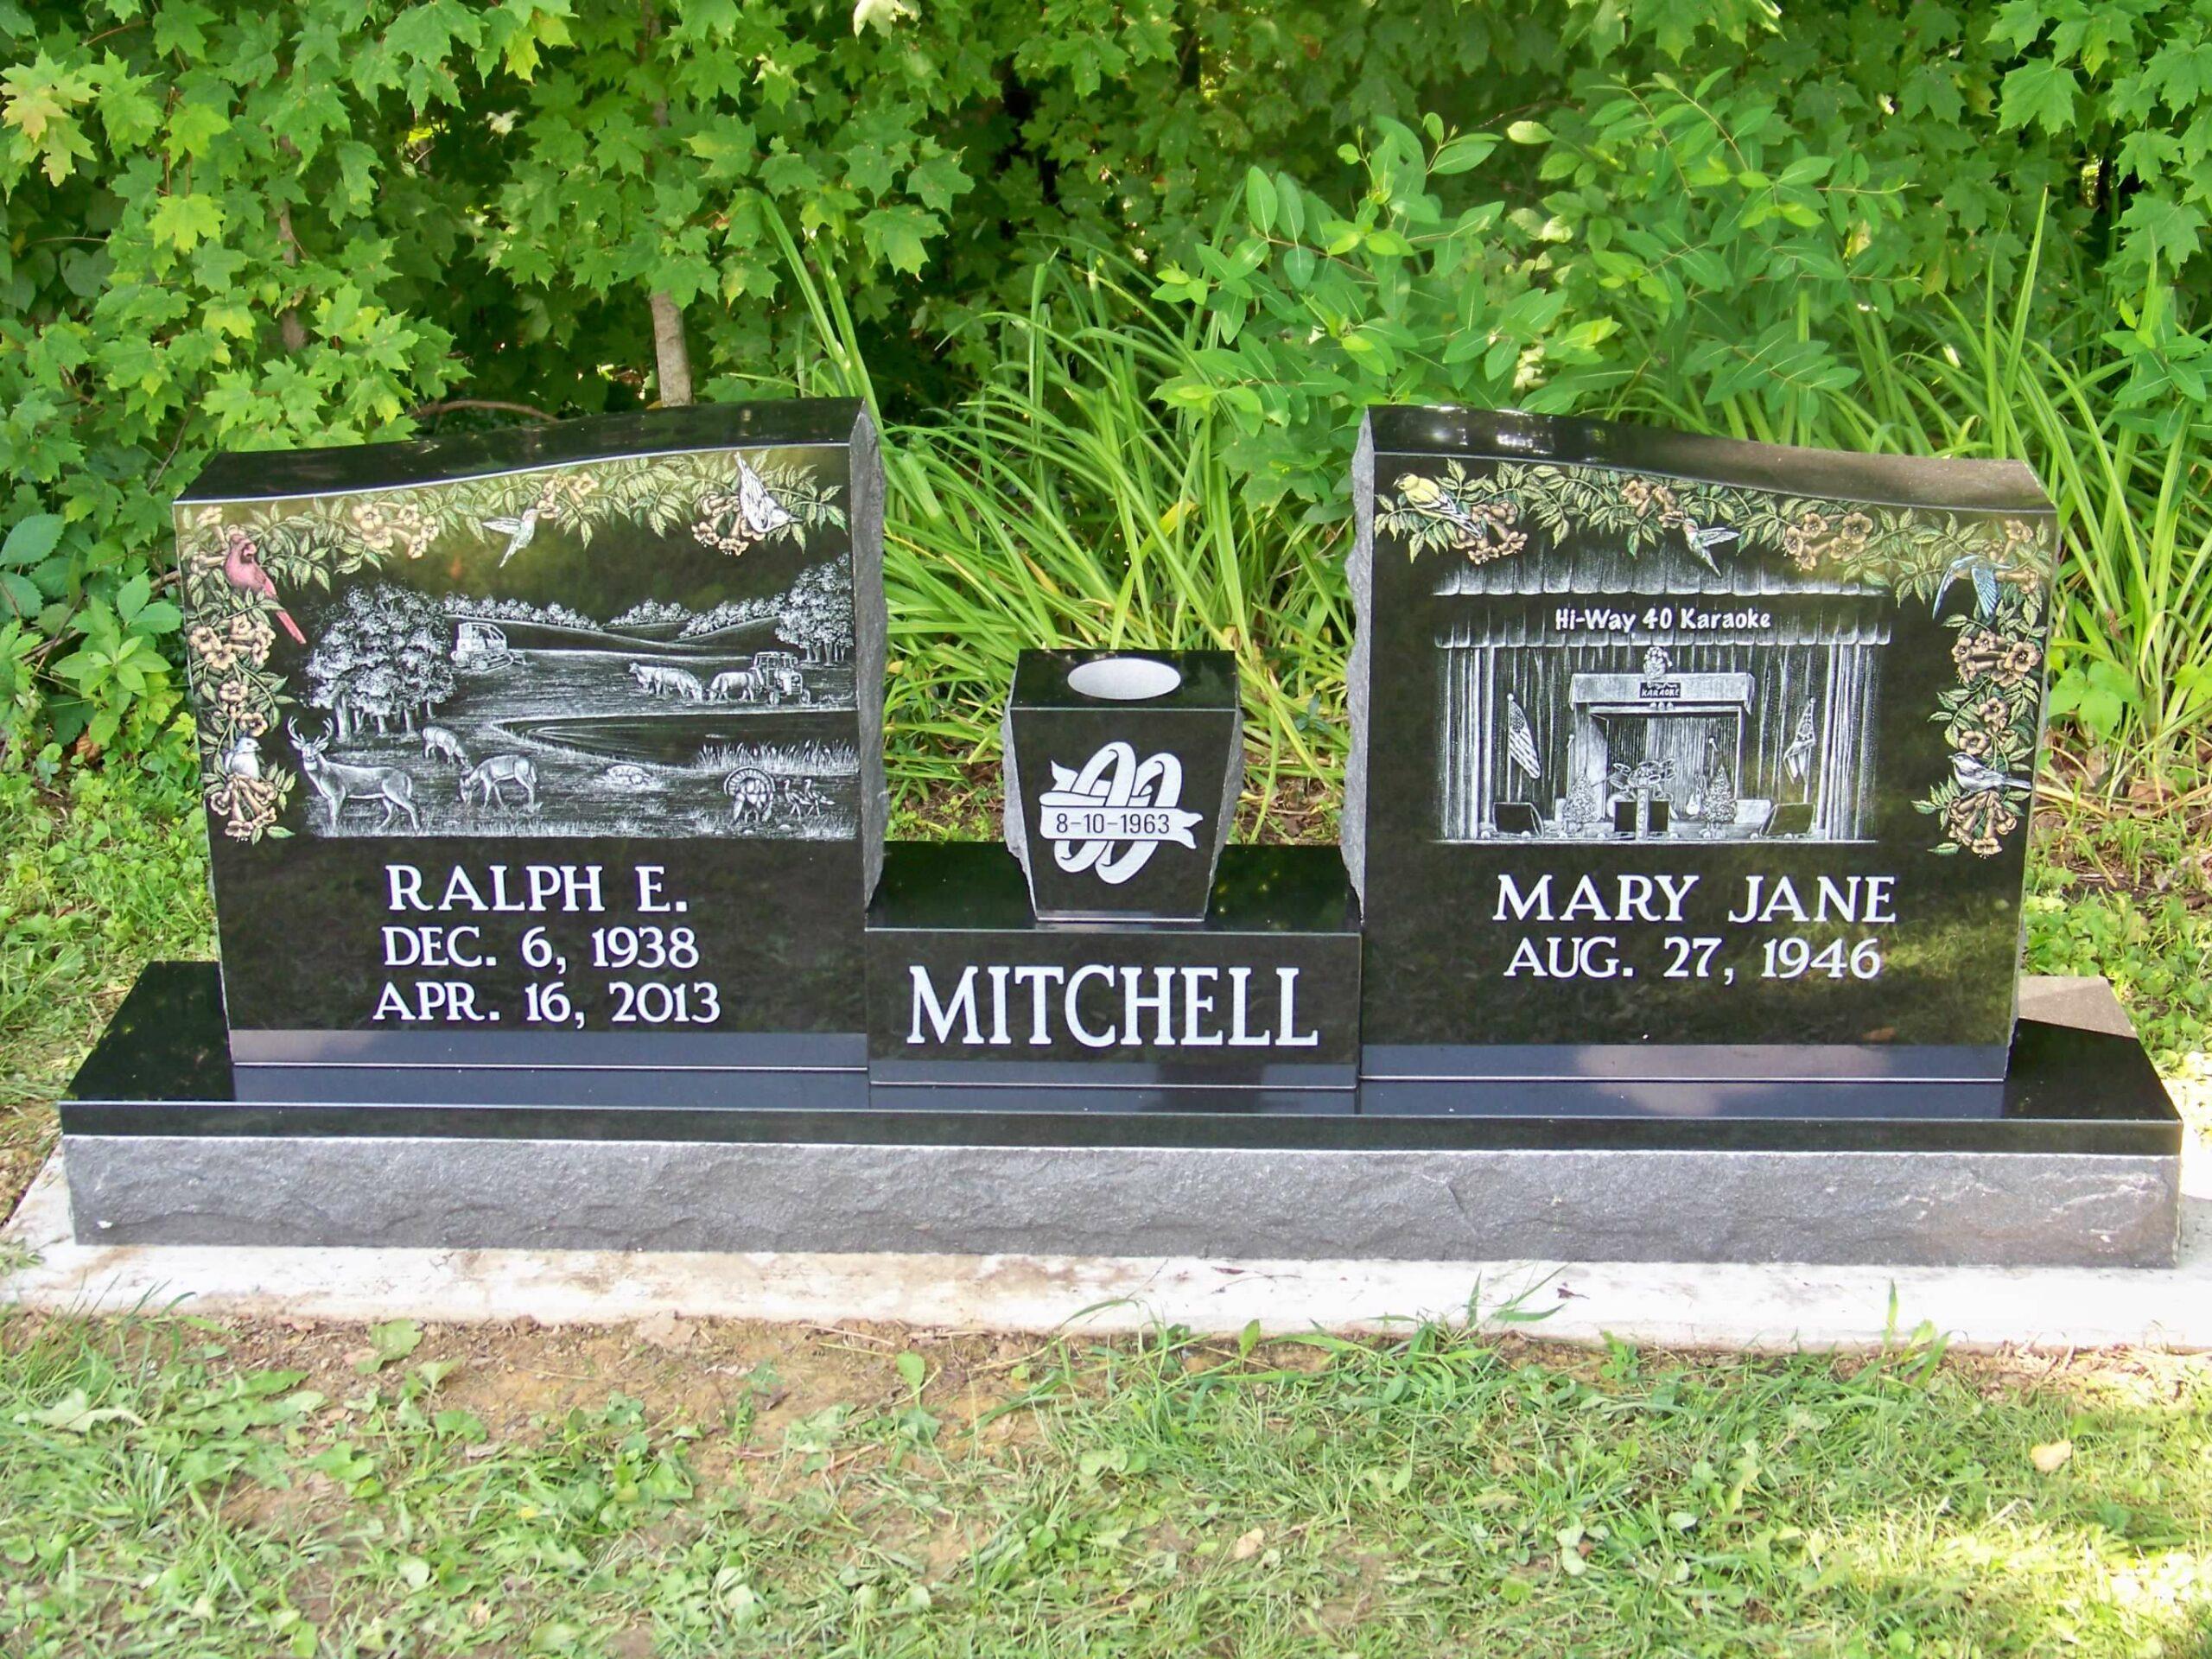 Mitchell, Mary Jane